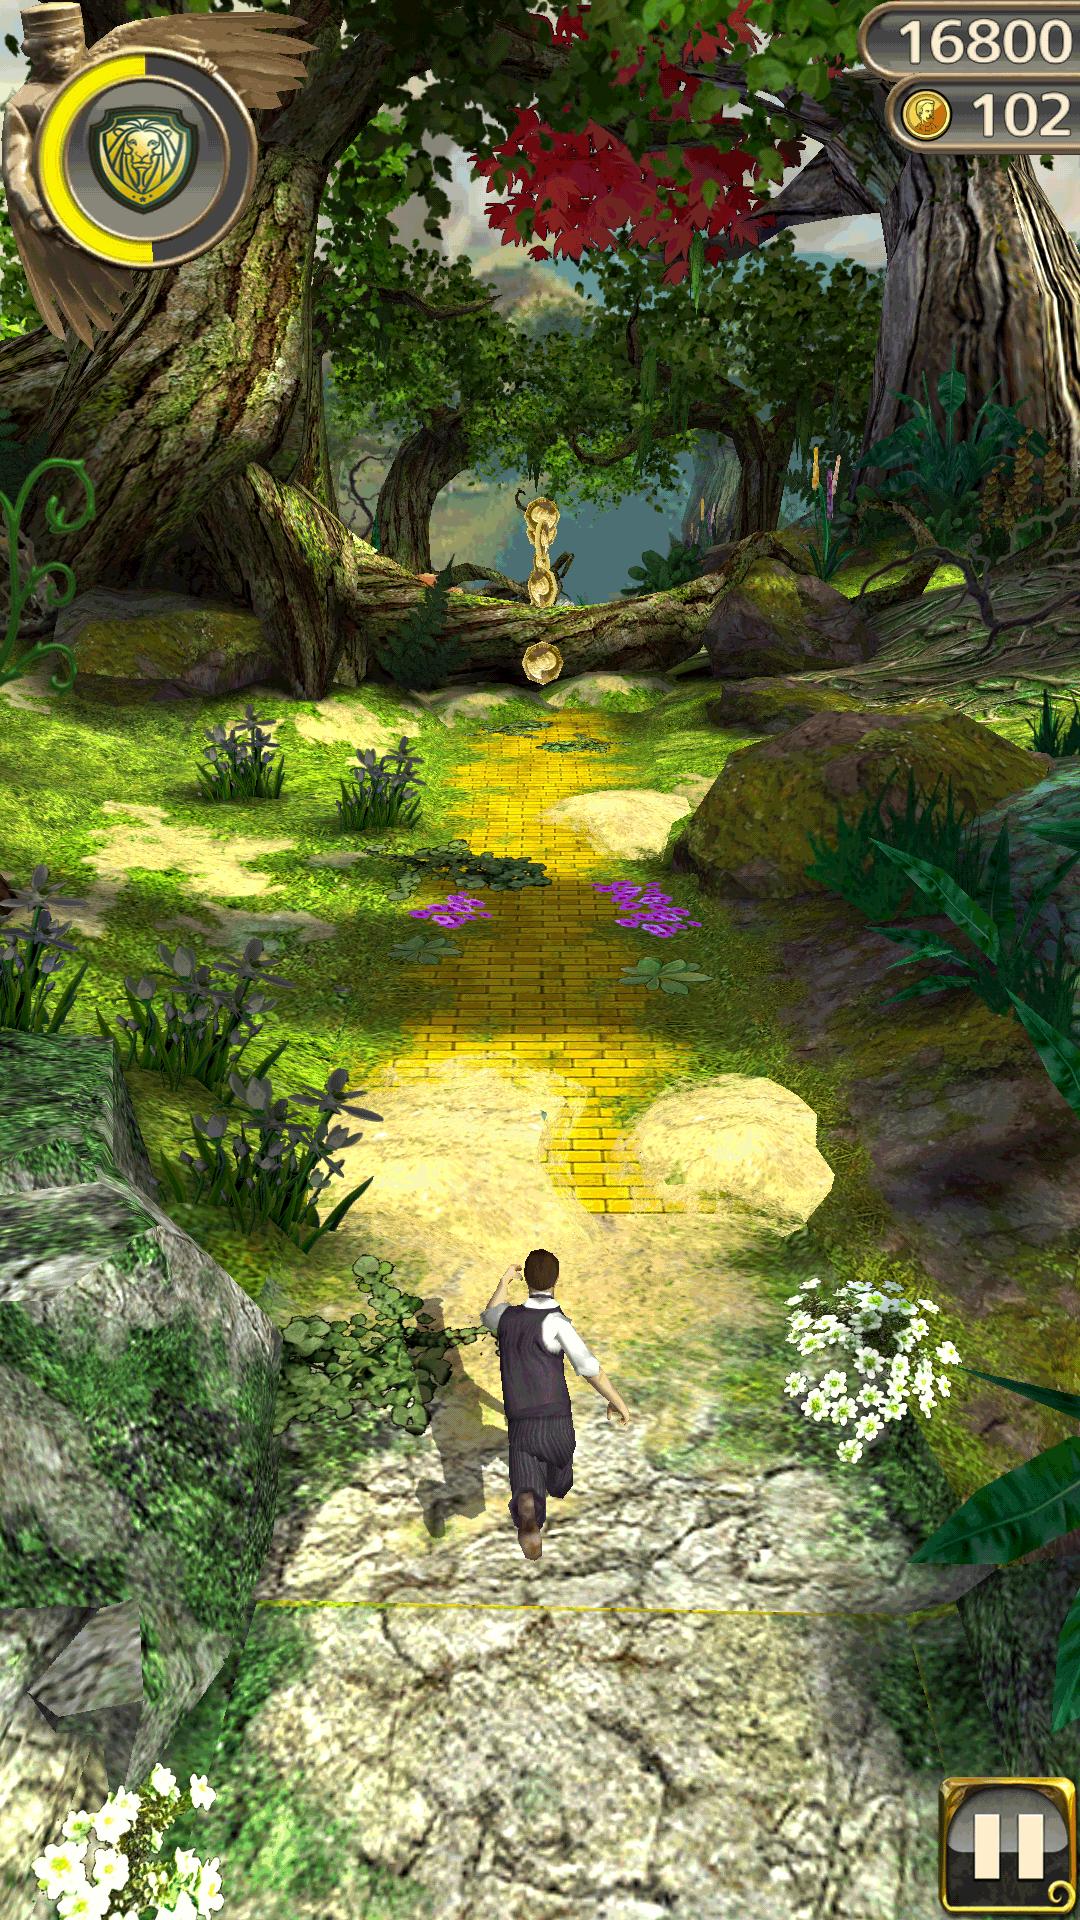 free game temple run 1